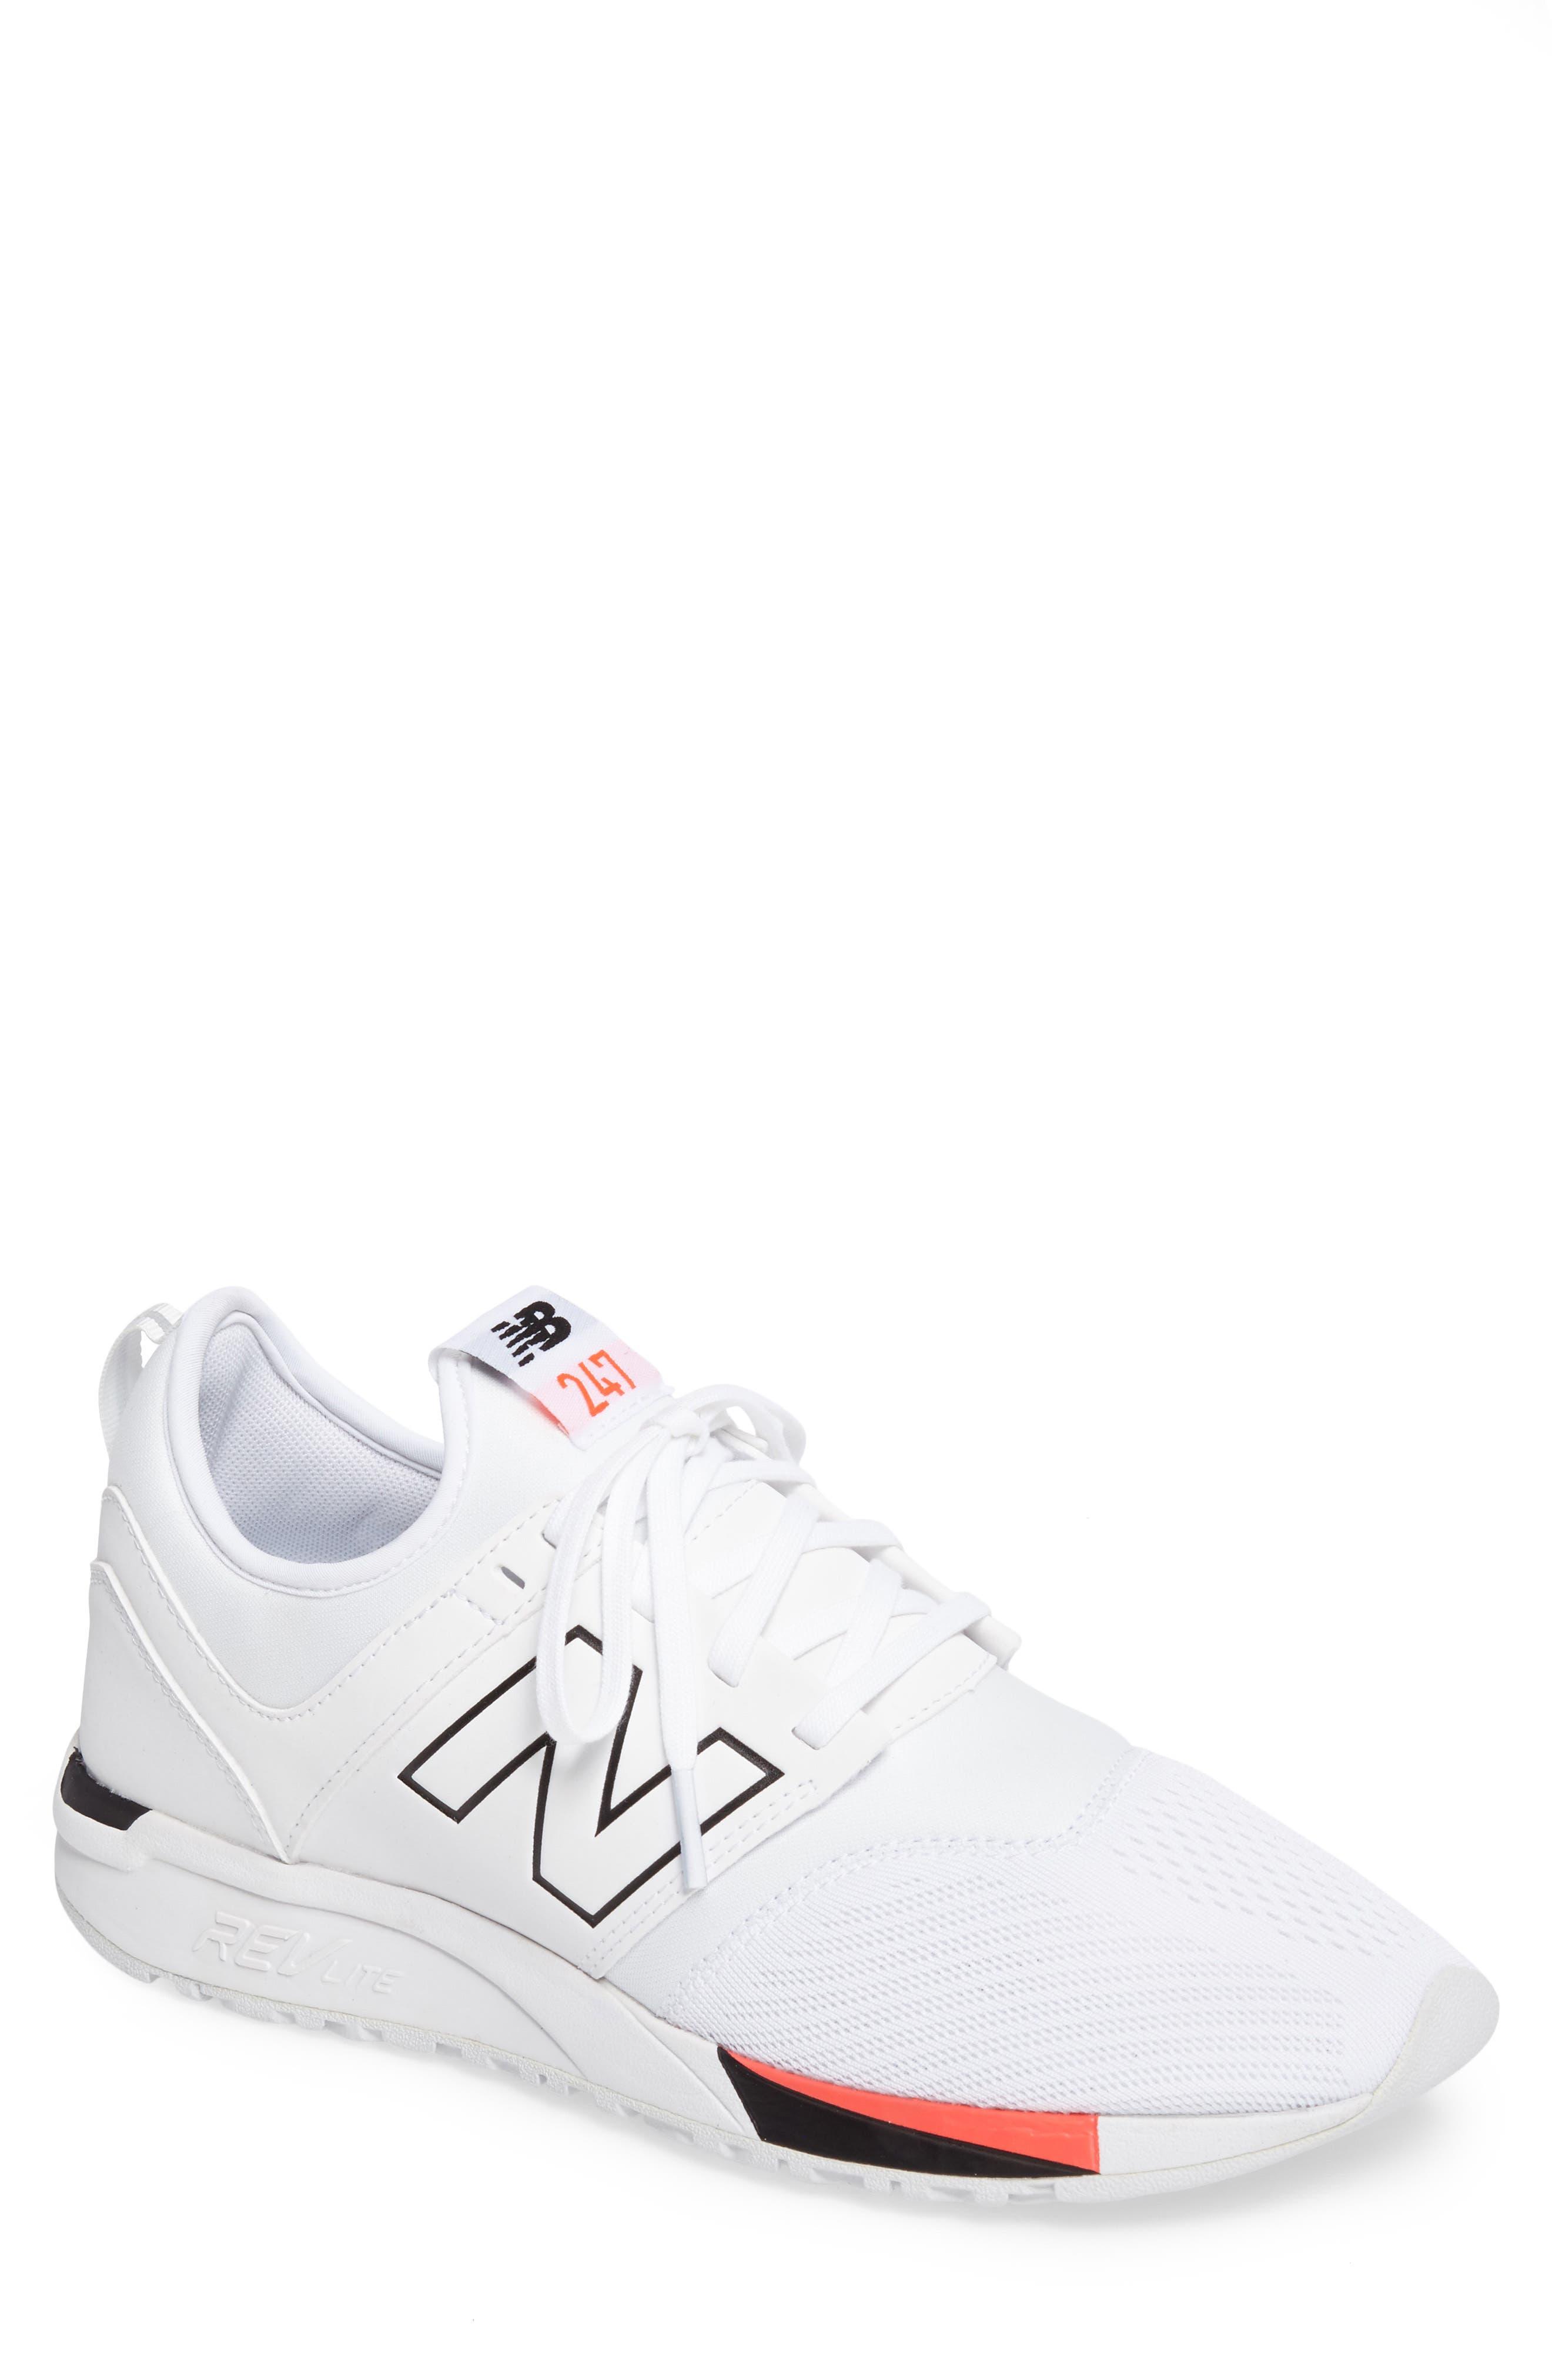 247 Classic Plus Sneaker,                         Main,                         color, White